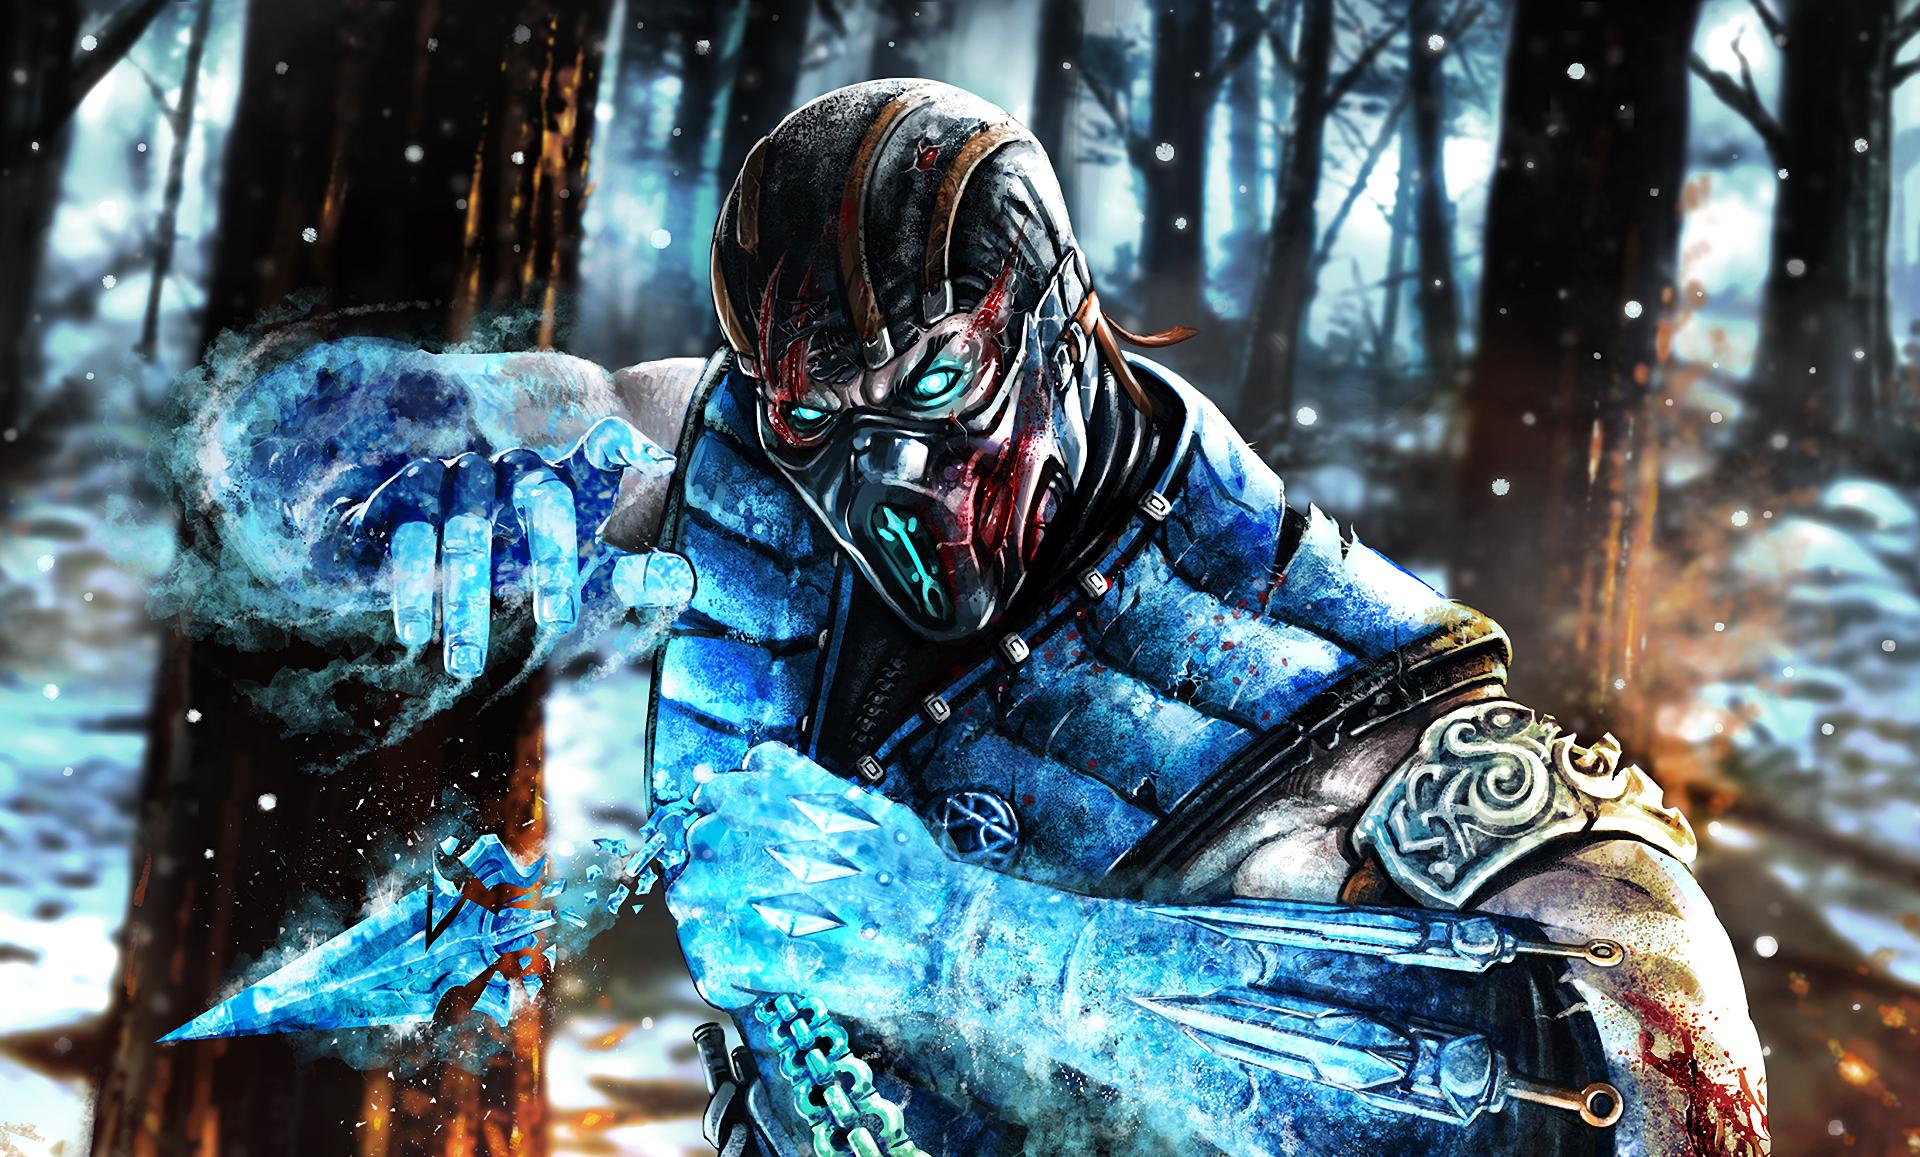 Mortal Kombat X Fondo De Pantalla Hd Fondo De Escritorio 1920x1157 Id 770490 Wallpaper Abyss